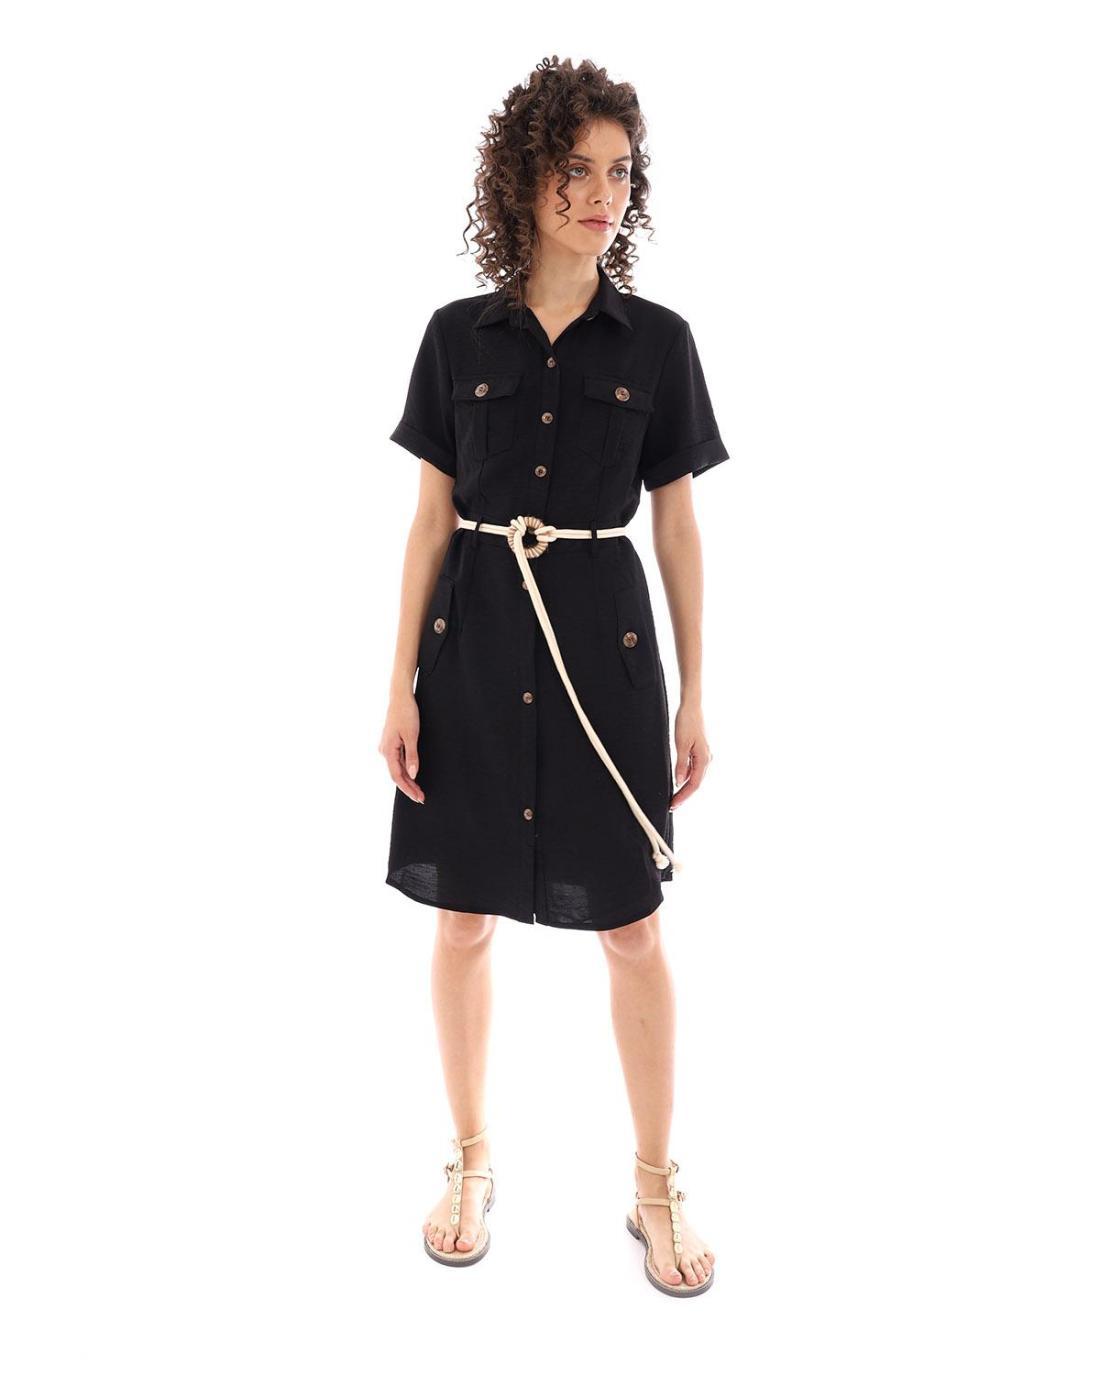 damen kleider | frühling - sommer 2020 > schwarz kleid